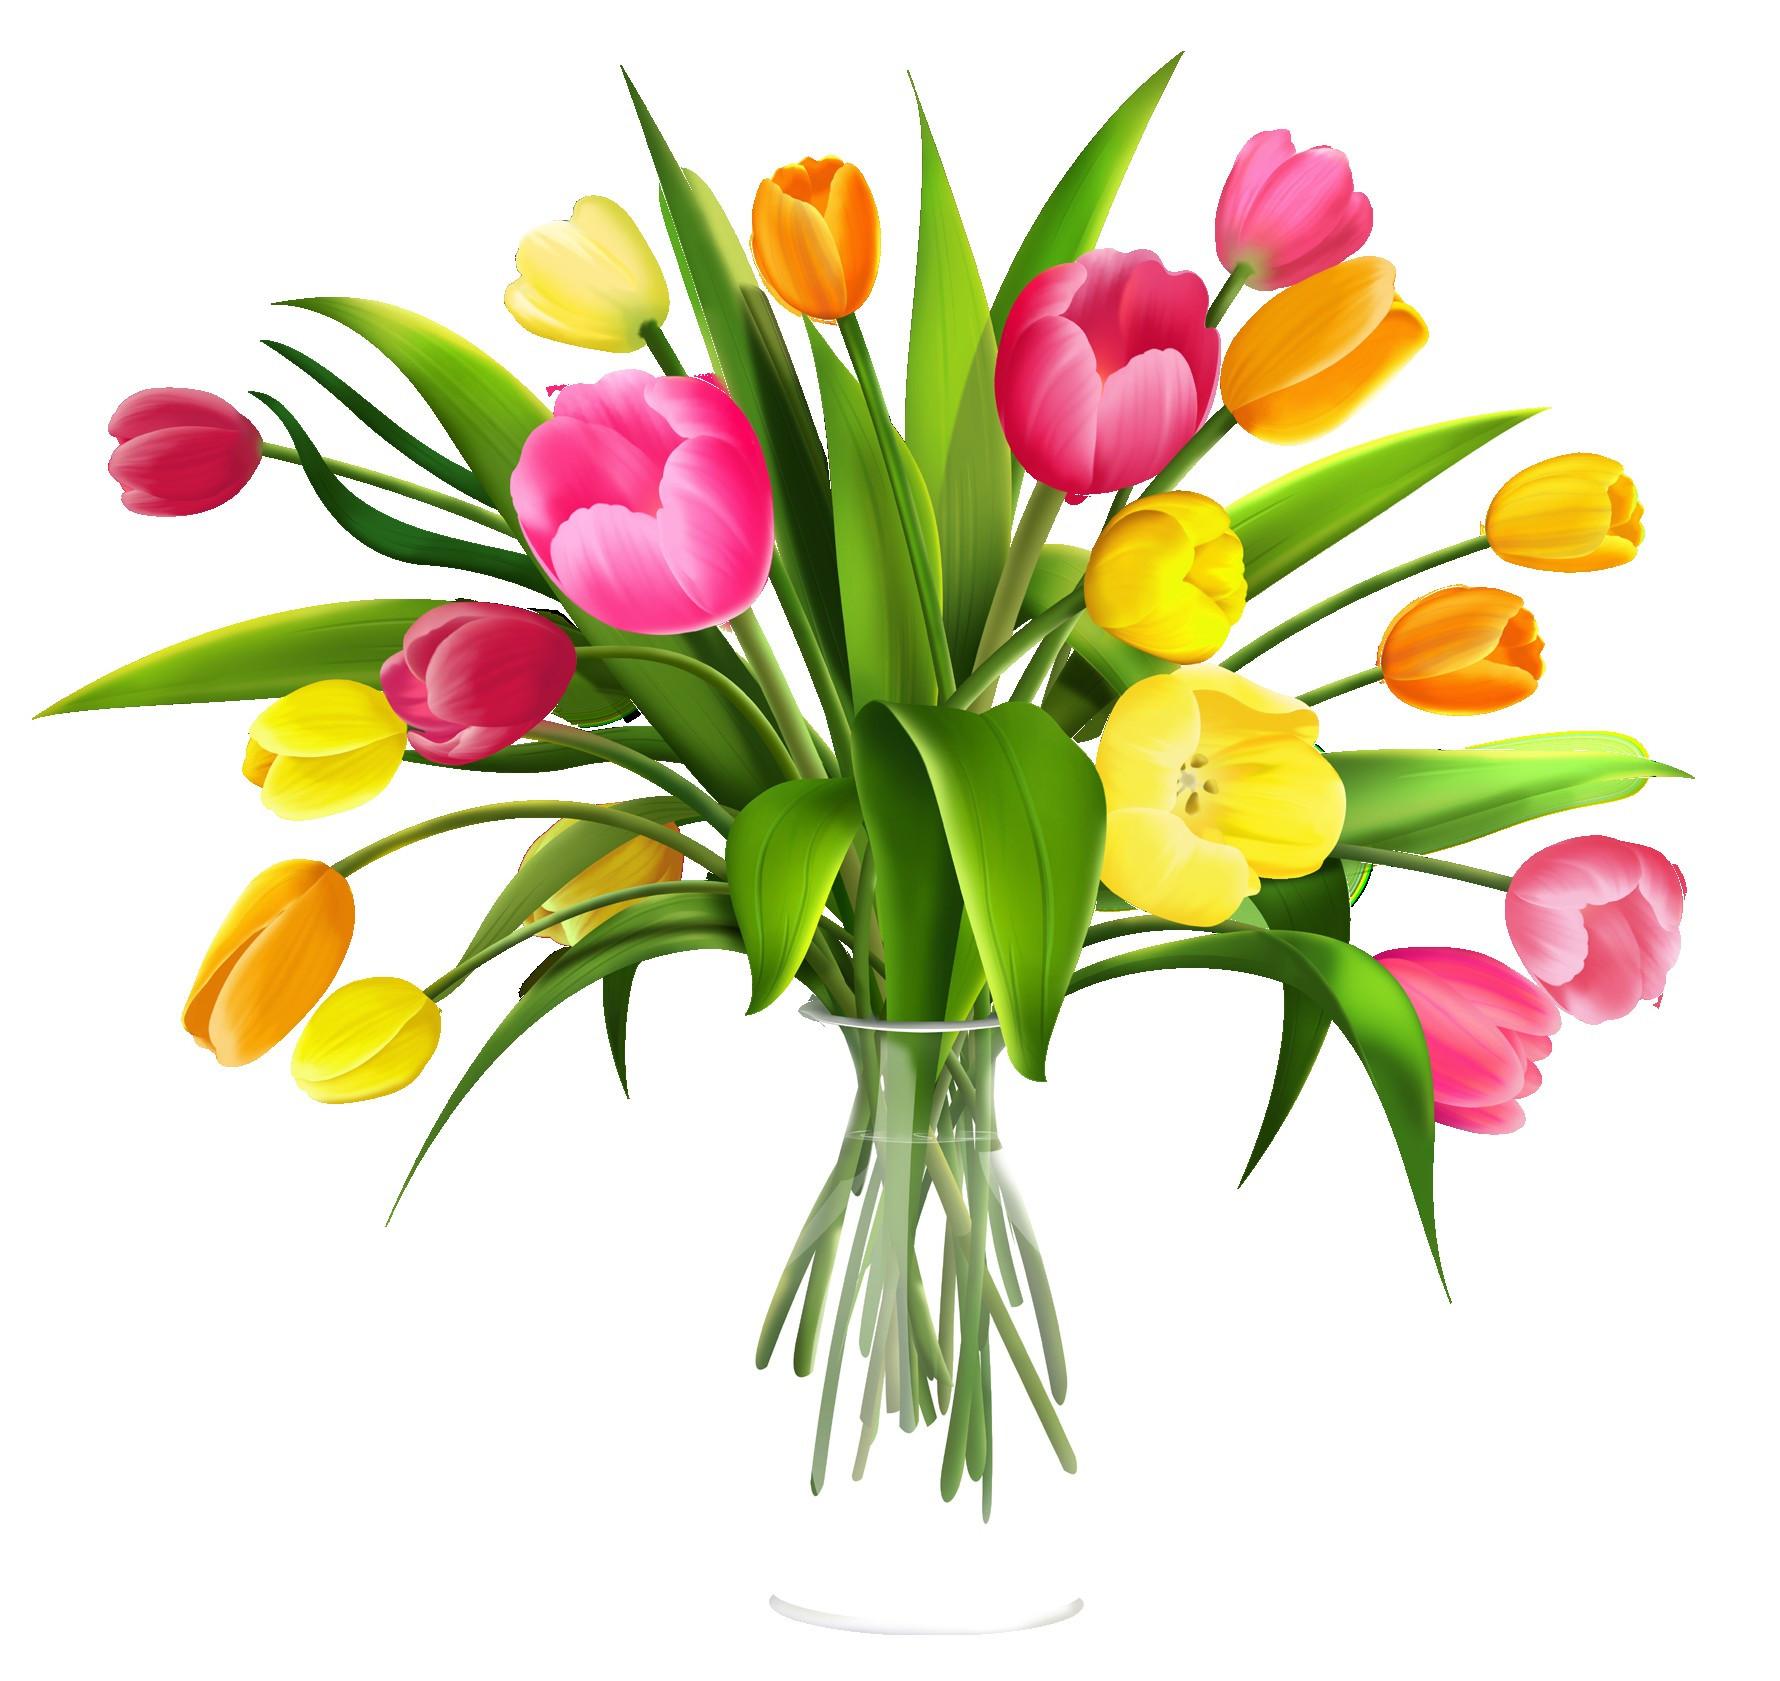 vase for long stem flowers of will clipart colored flower vase clip arth vases art infoi 0d of for inside within clipart of vase